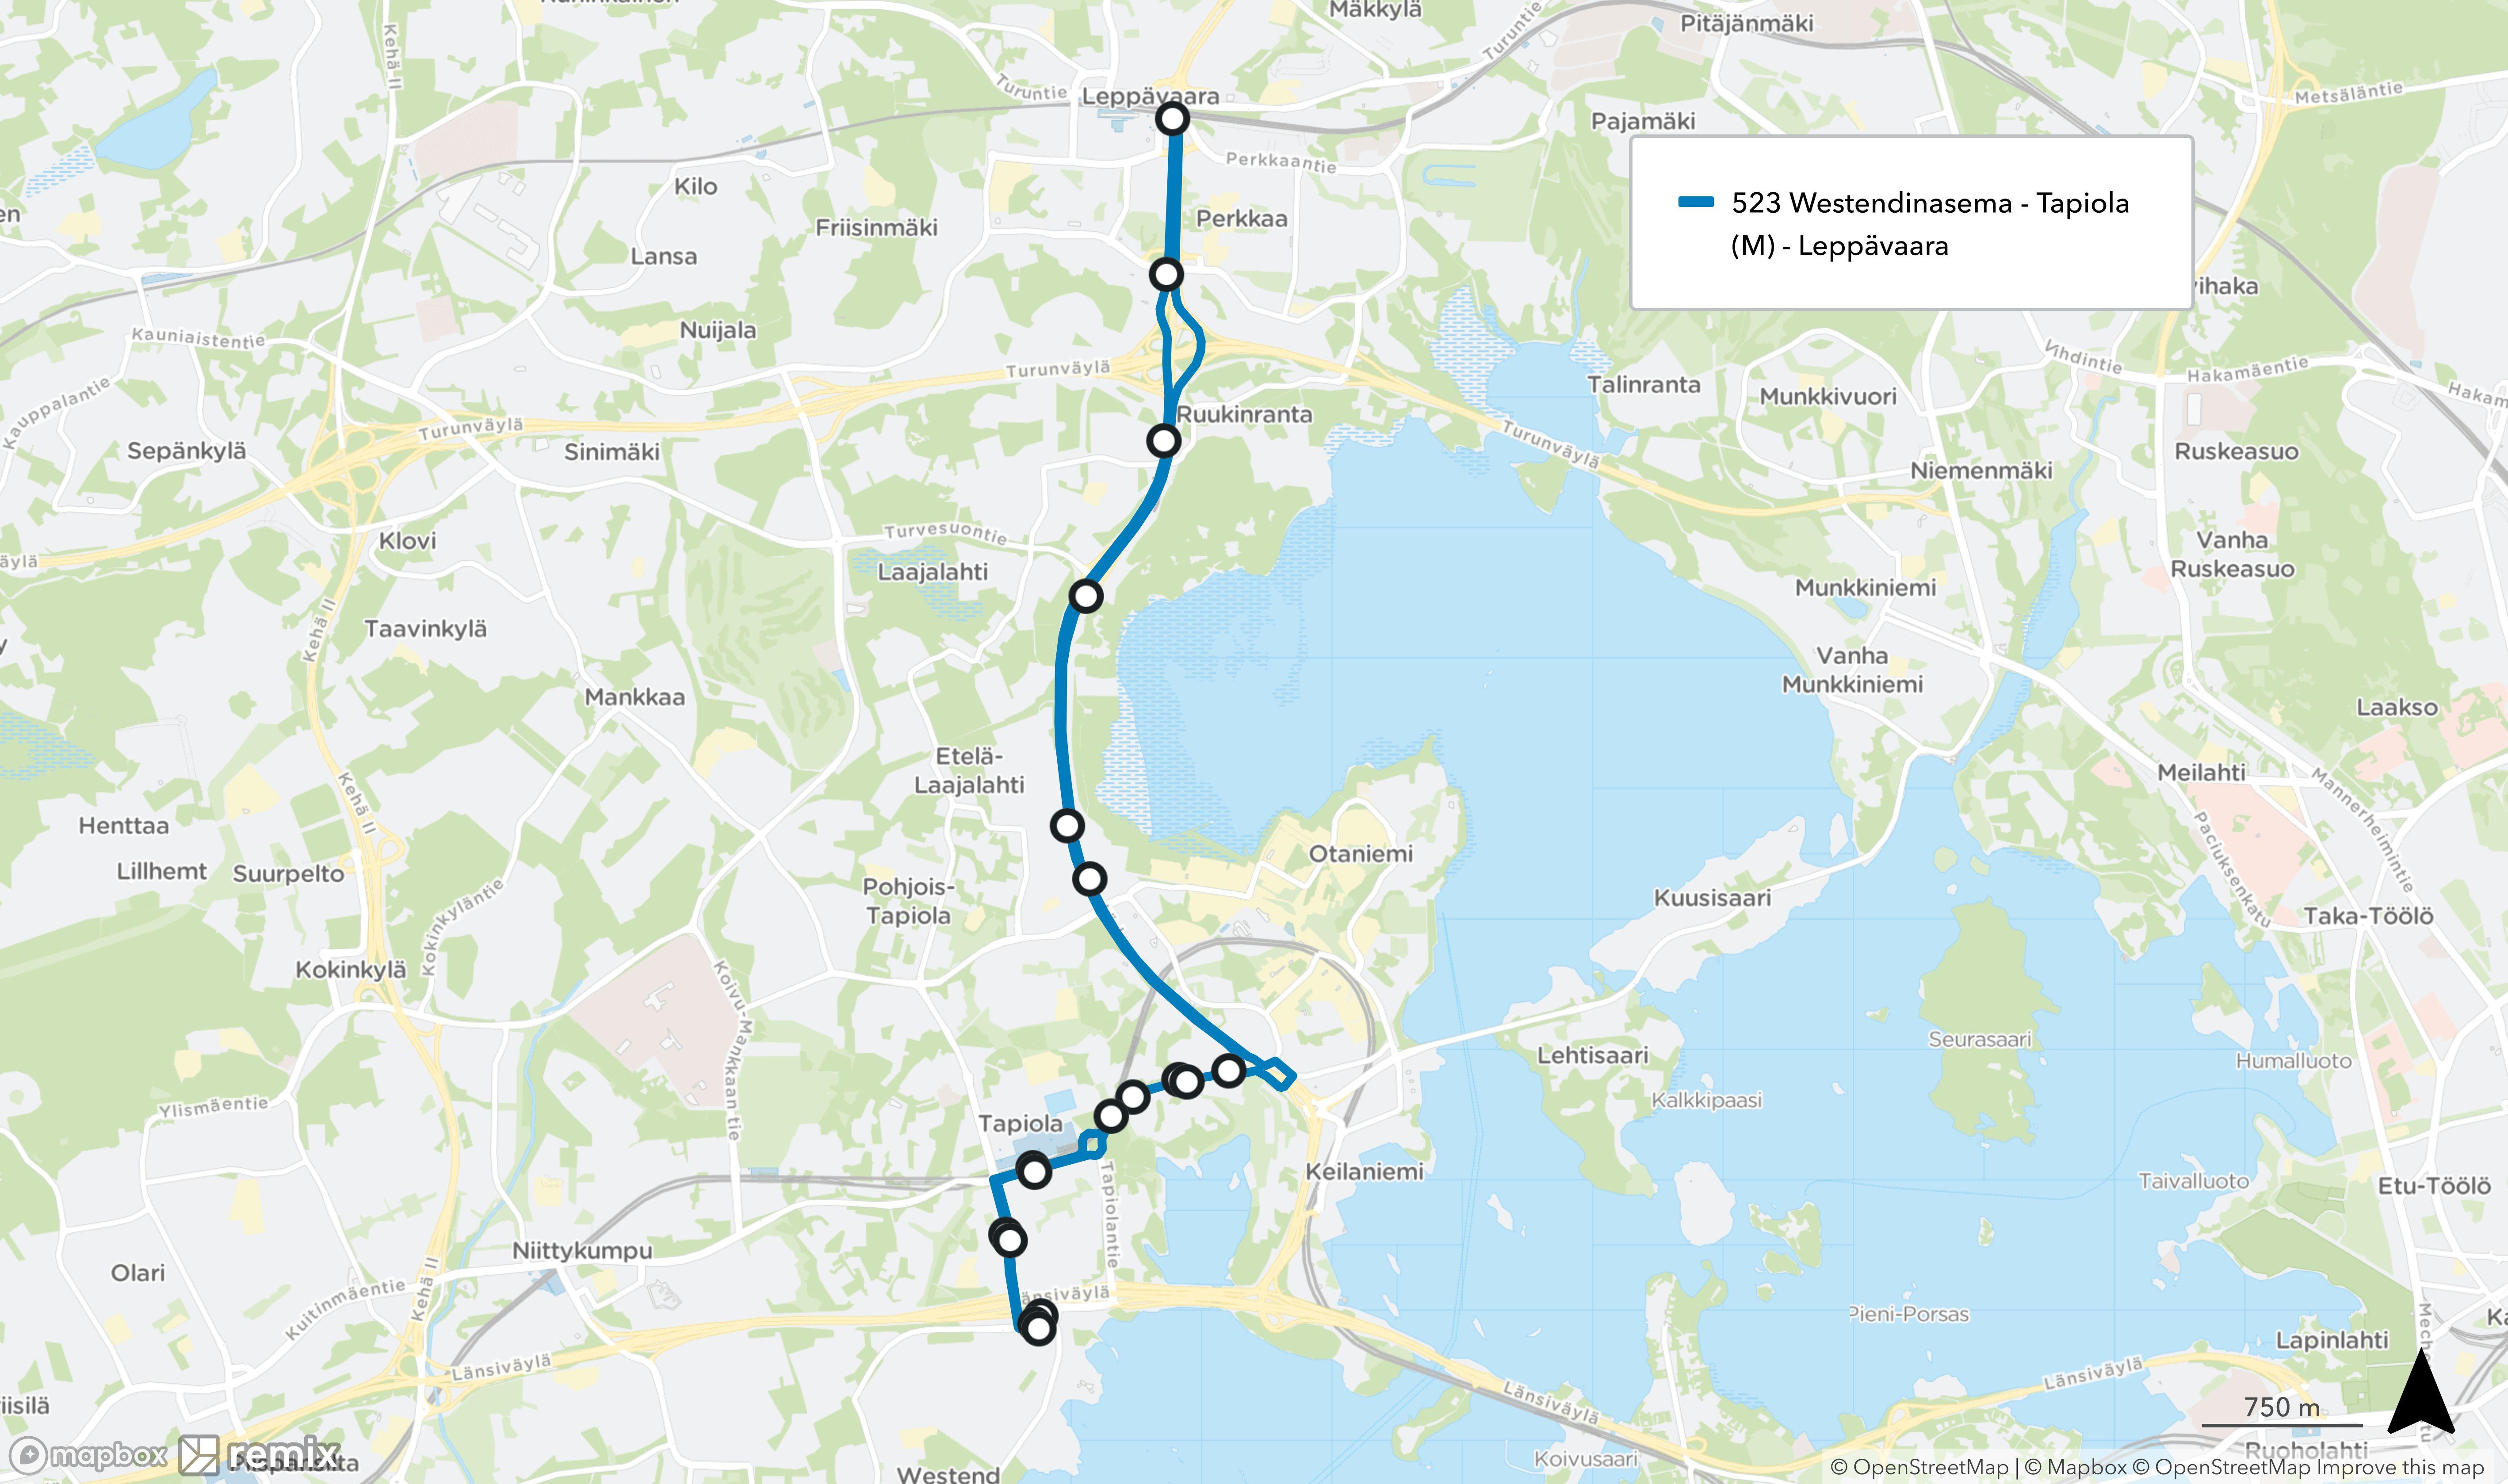 Uusi linja 523 Westendinasema - Tapiola - Kehä I - Leppävaara reittiä Westendinkatu - Etelätuulentie - Merituulentie - Tapiolantie - Kehä I.